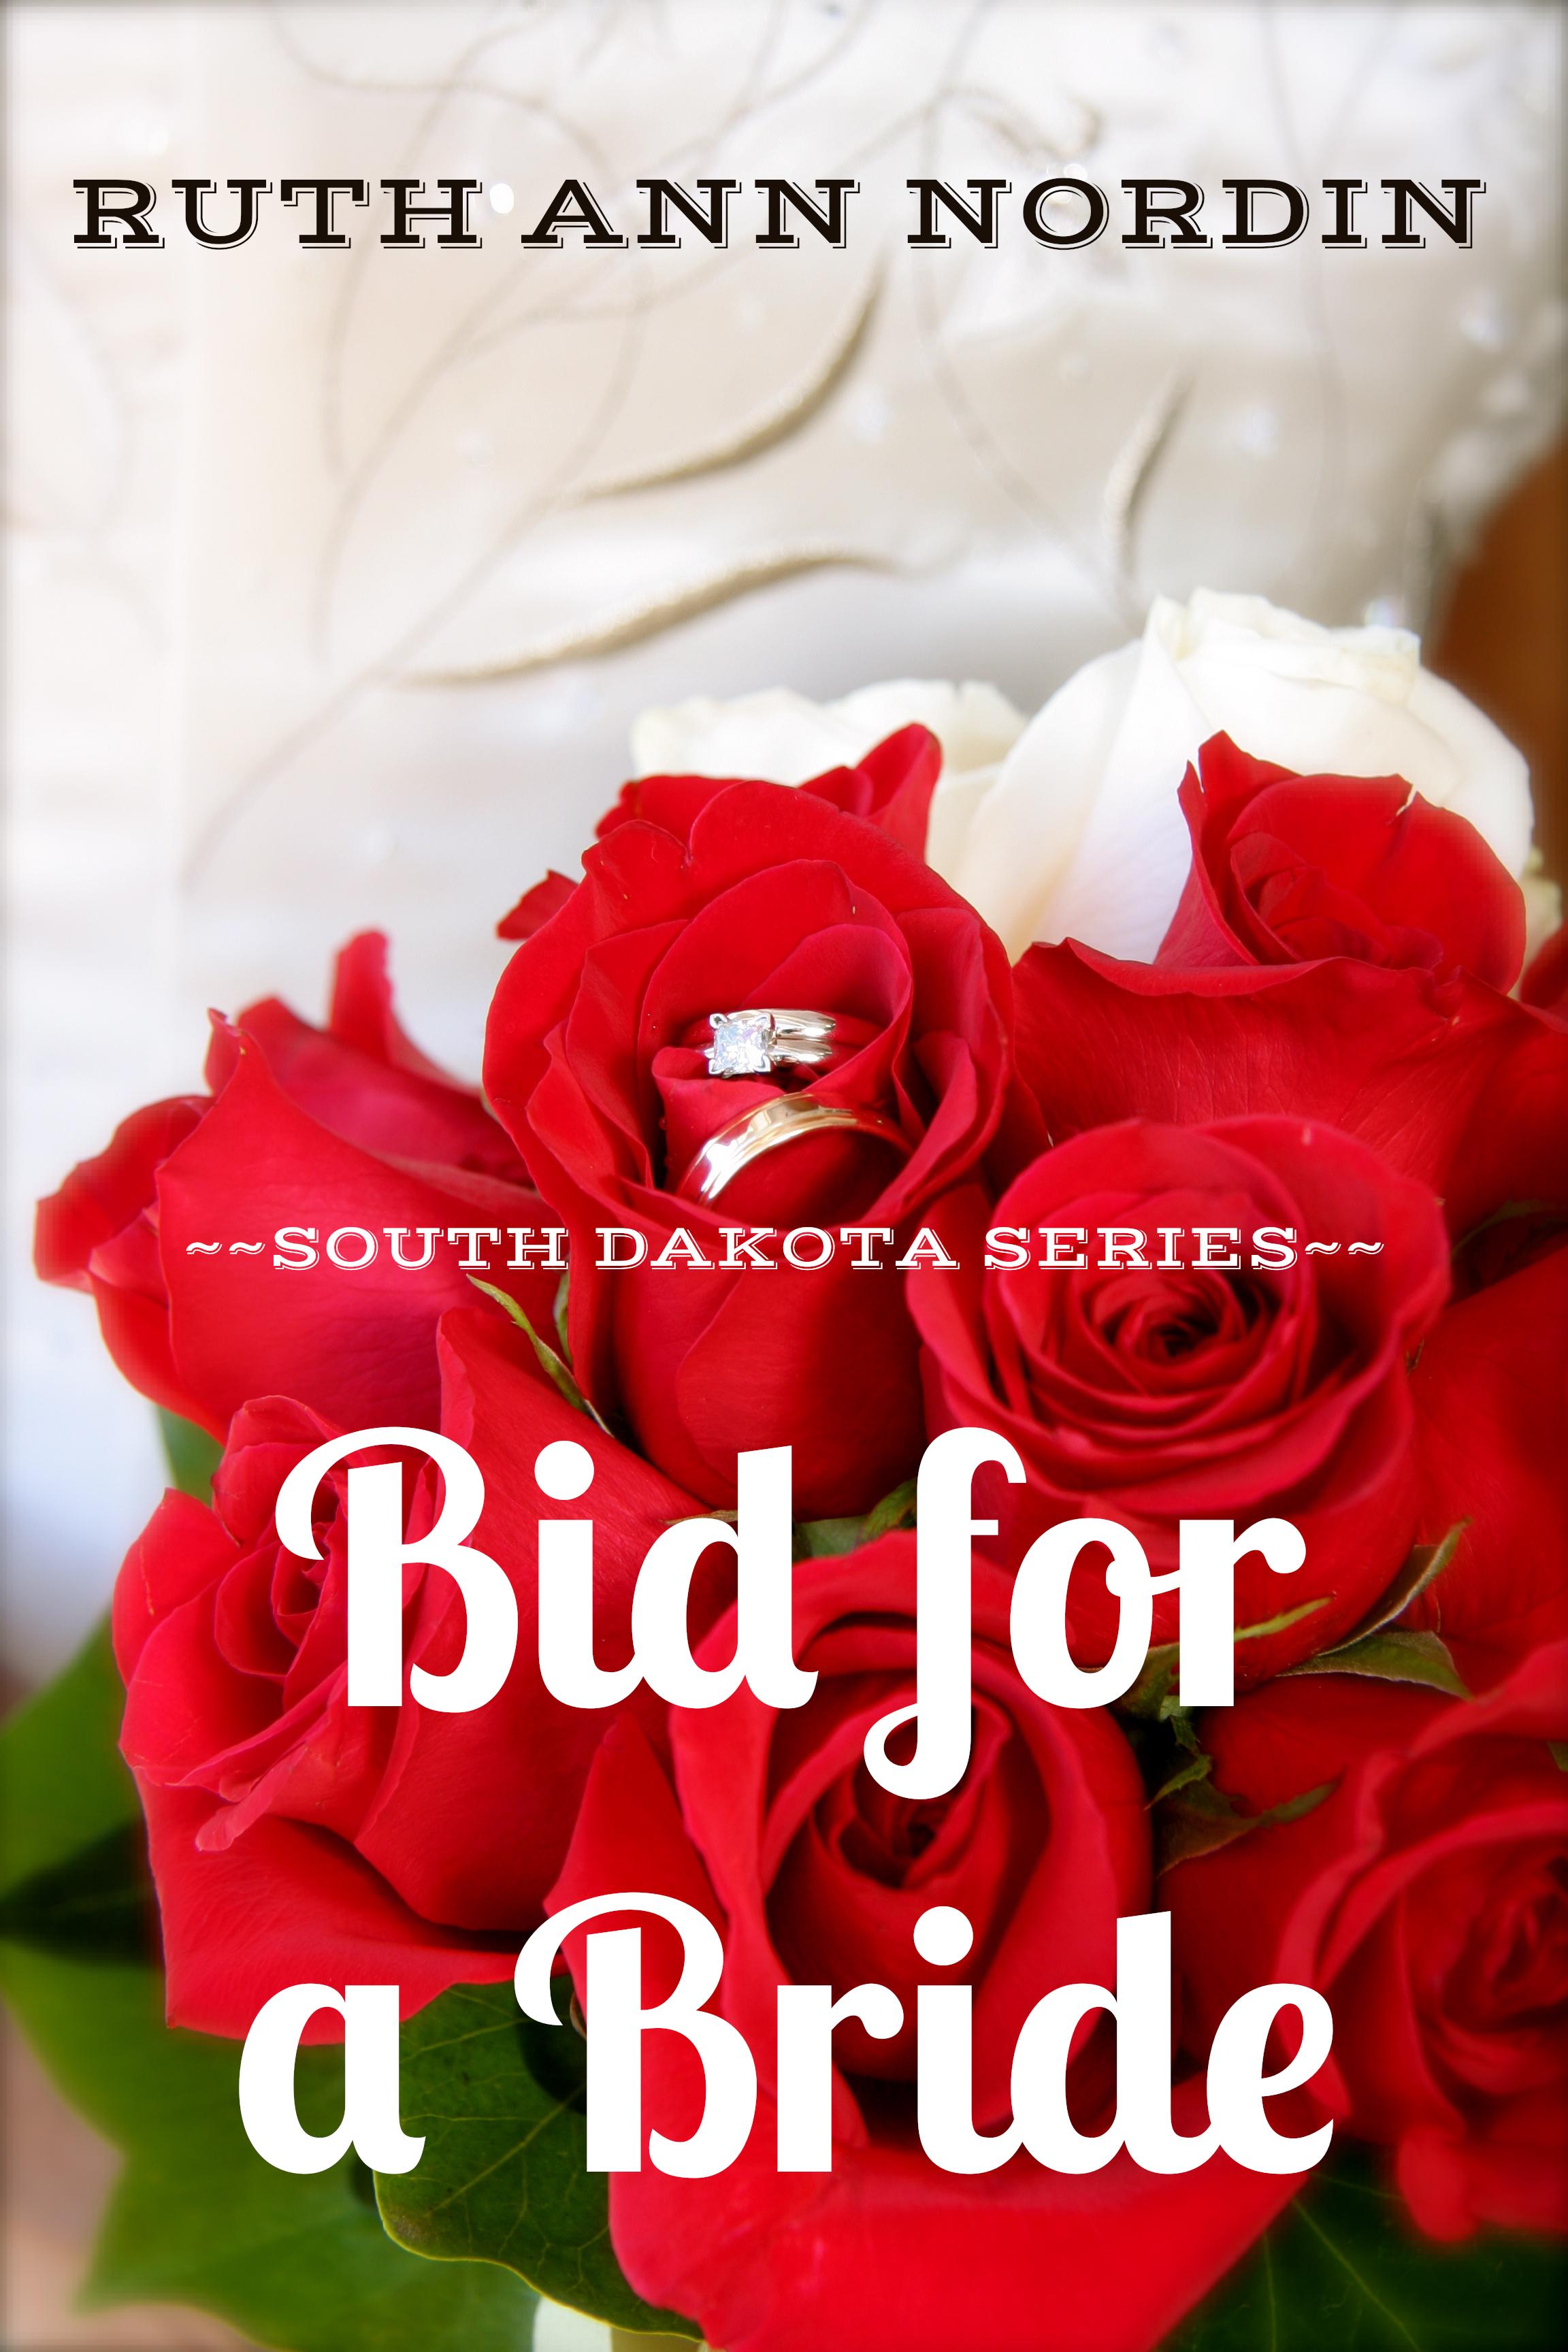 Bid for a Bride, an Ebook by Ruth Ann Nordin